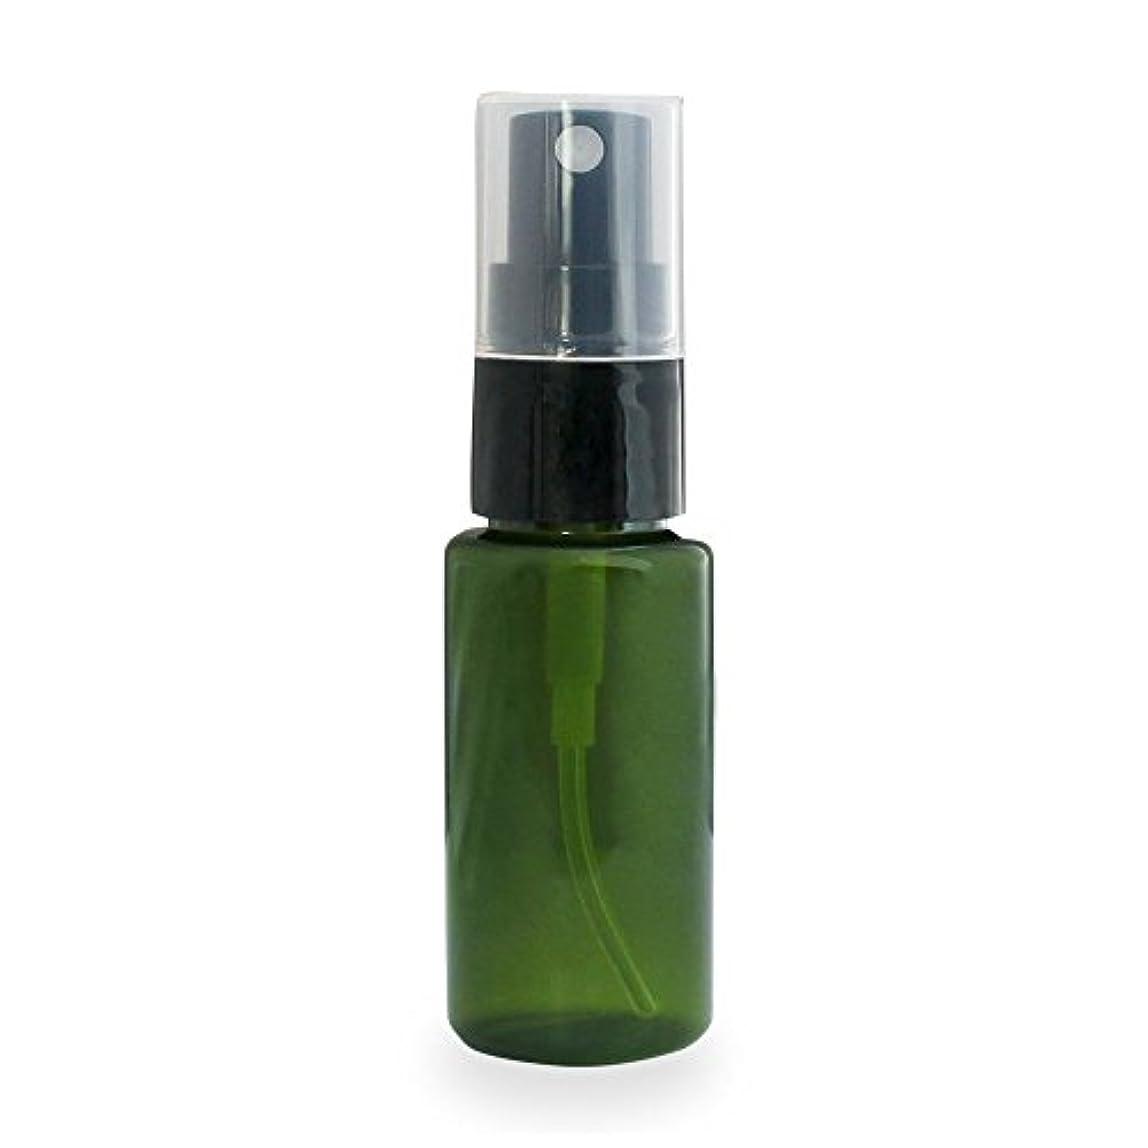 申請者ウッズ麺スプレーボトル30ml(グリーン)(プラスチック容器 オイル用空瓶 プラスチック製-PET 空ボトル アロマスプレー)